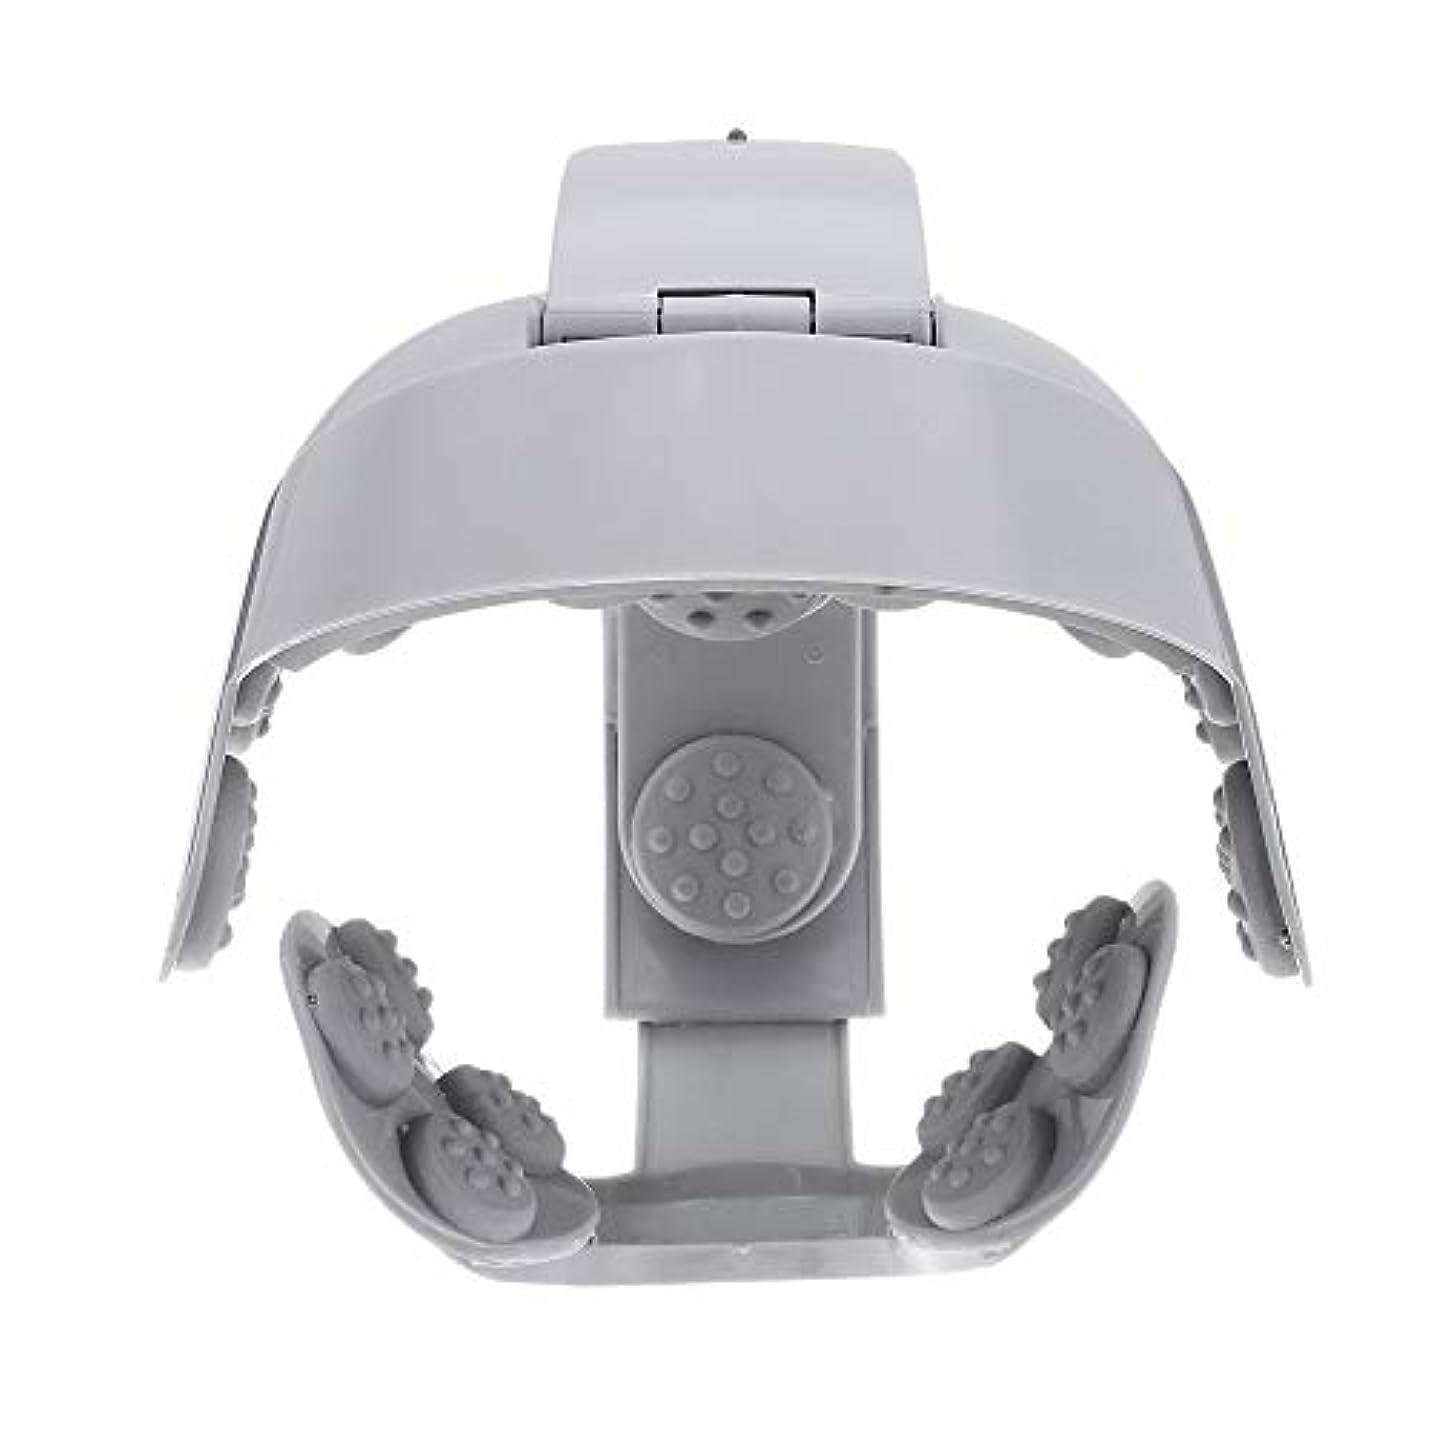 日食湿地フローACAMPTAR ヘッドバイブレーションマッサージ イージーブレインマッサージ 電動ヘッドマッサージ リラックス脳鍼ポイントストレスリリースマシン